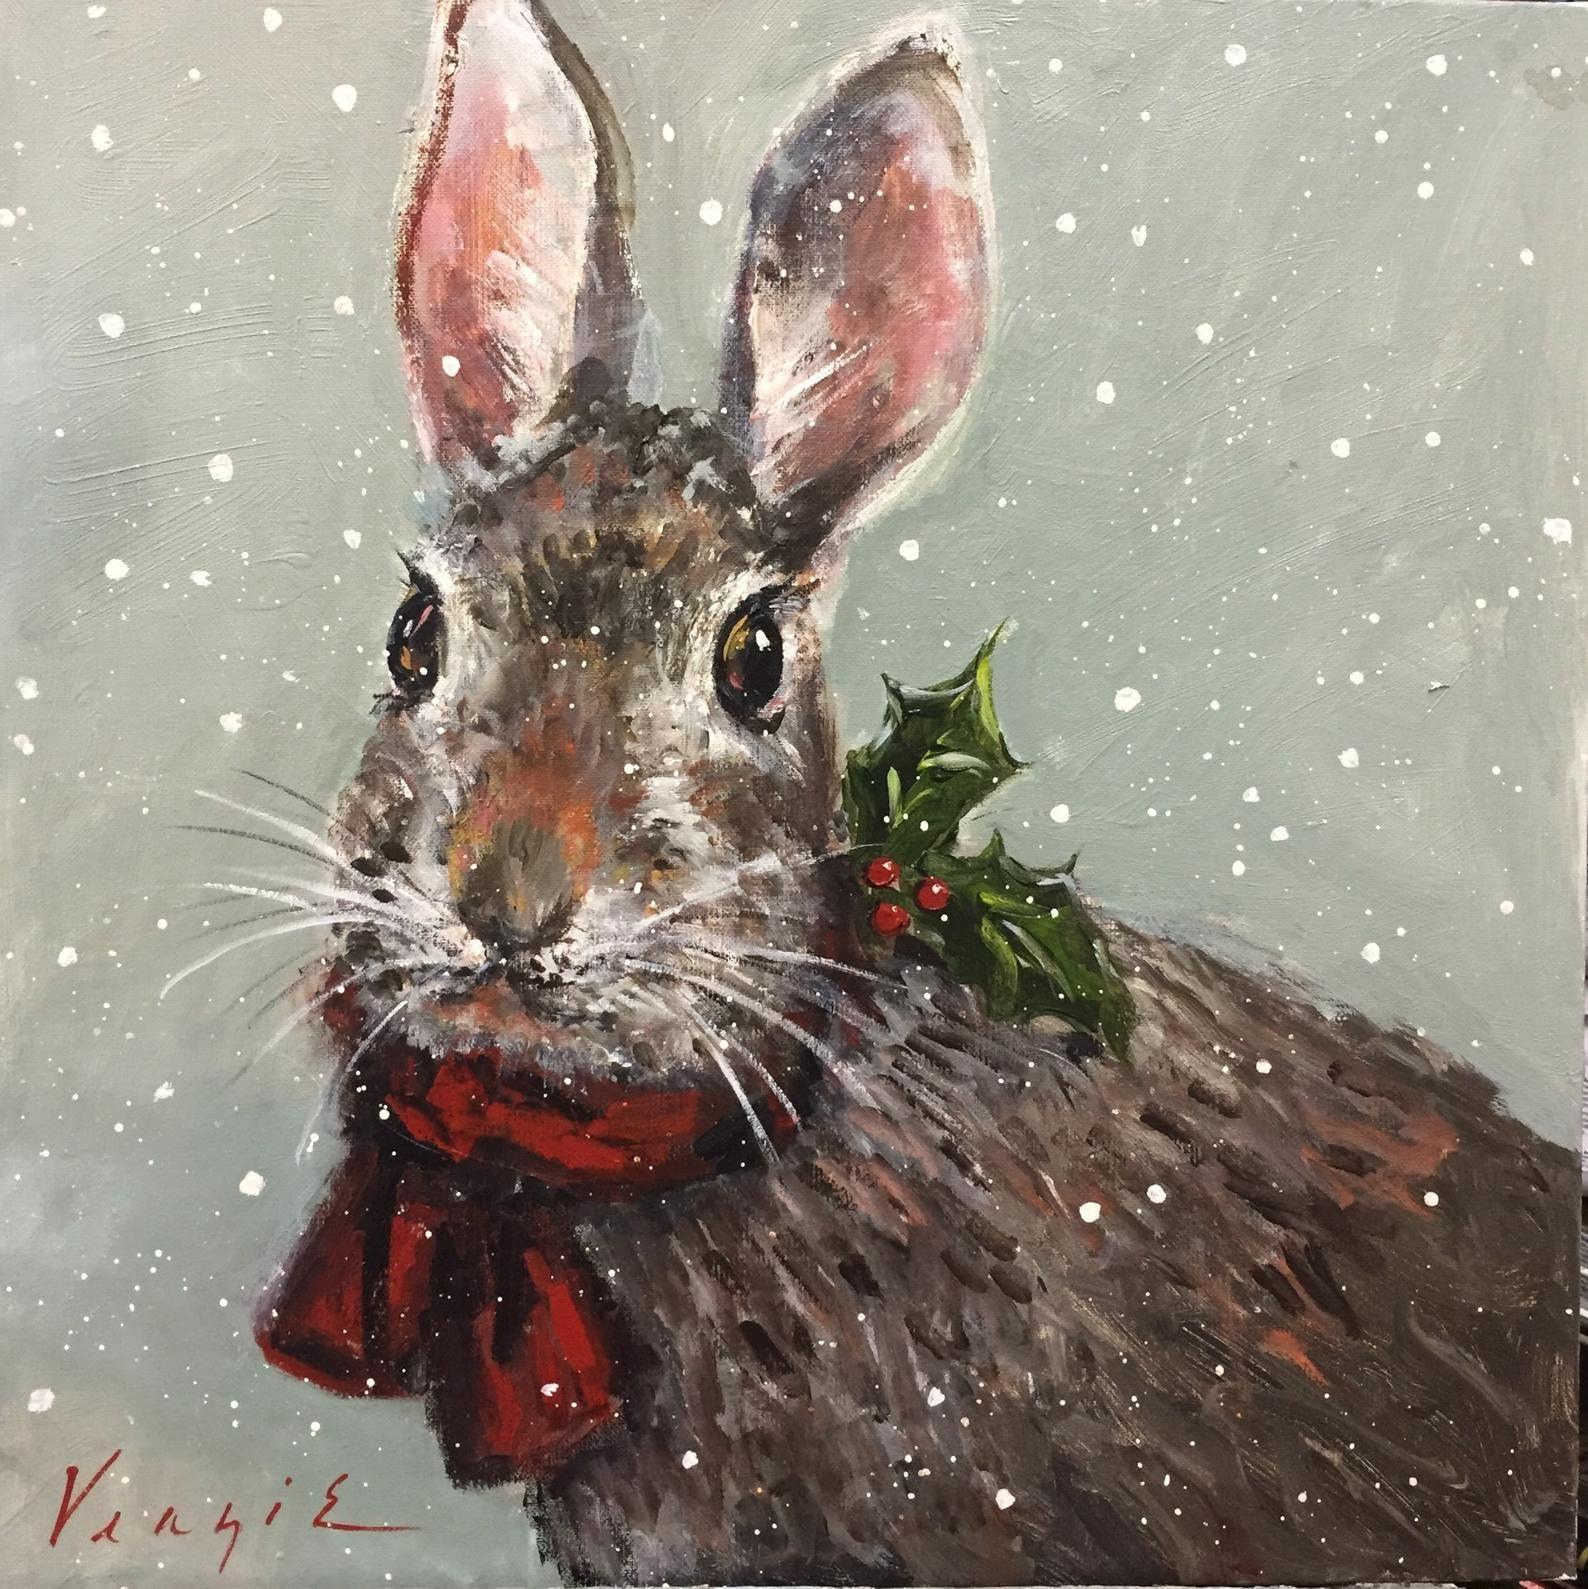 Christmas Bunny with Scarf